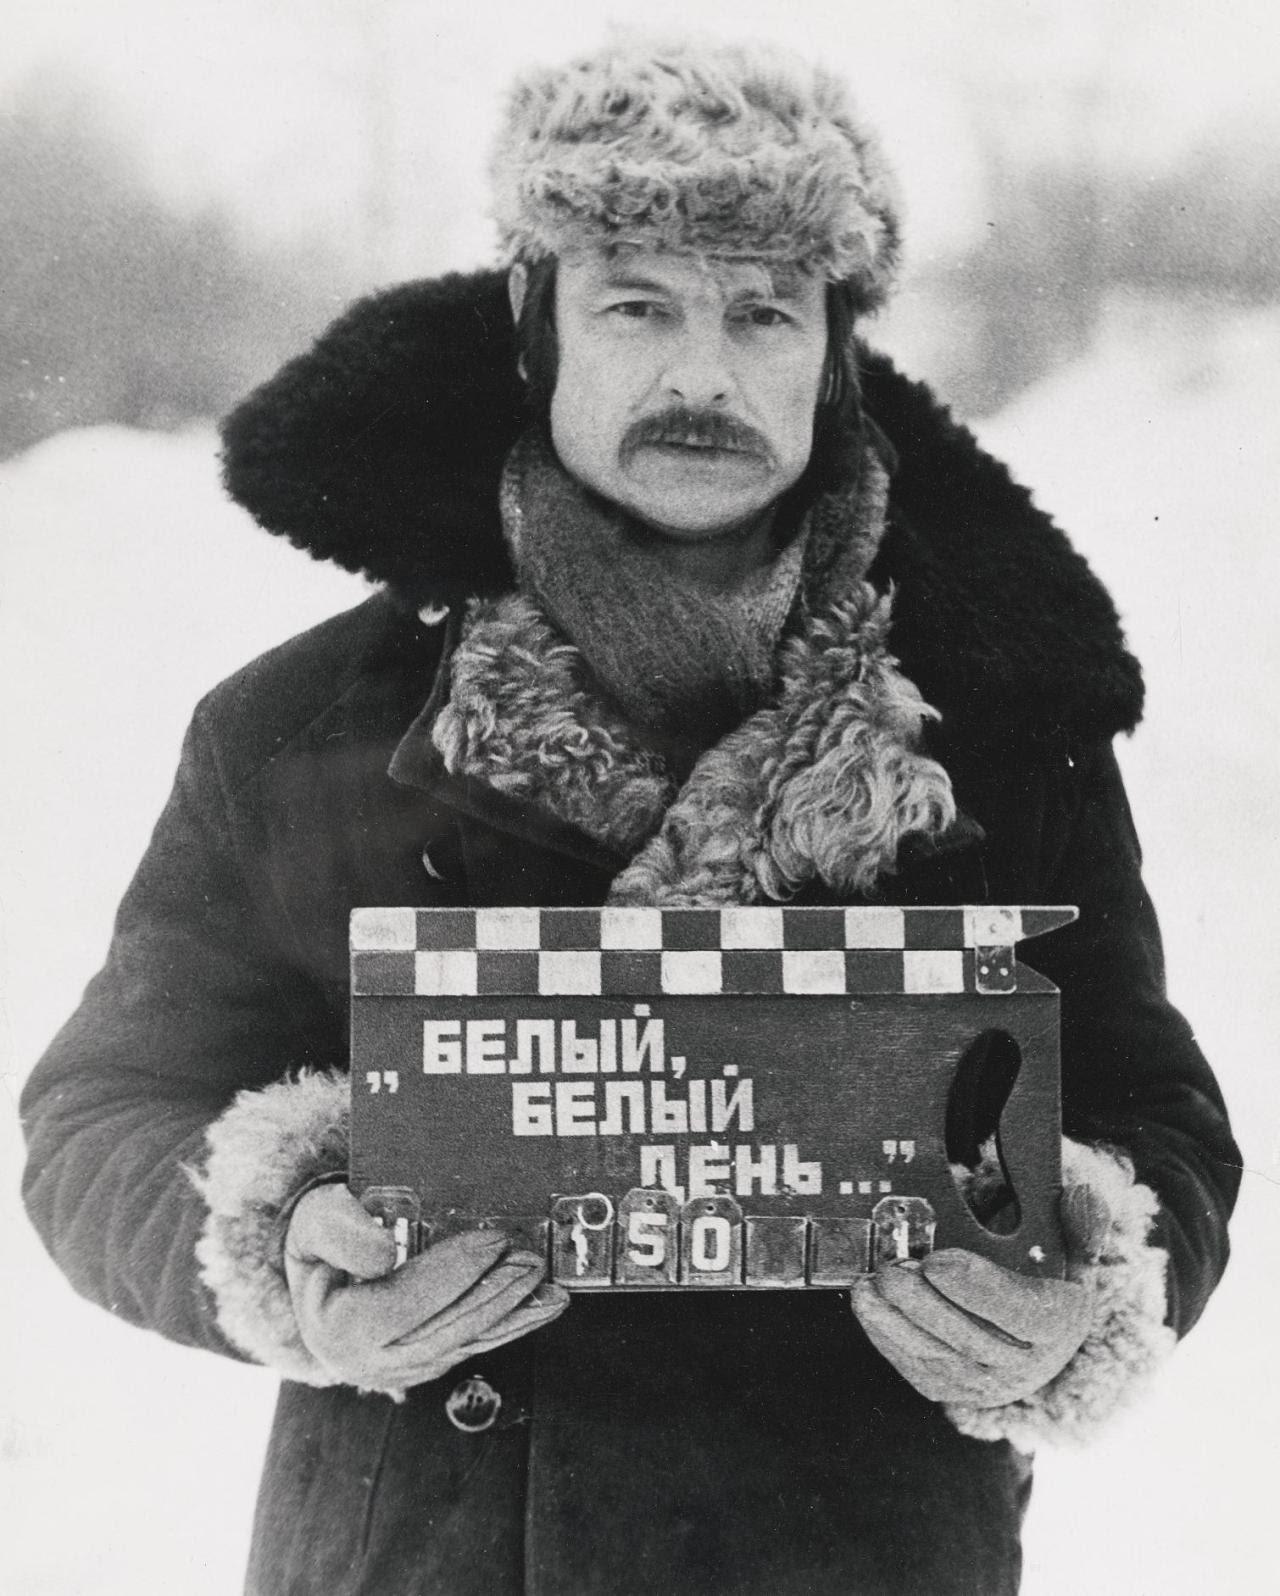 Αποτέλεσμα εικόνας για tarkovsky